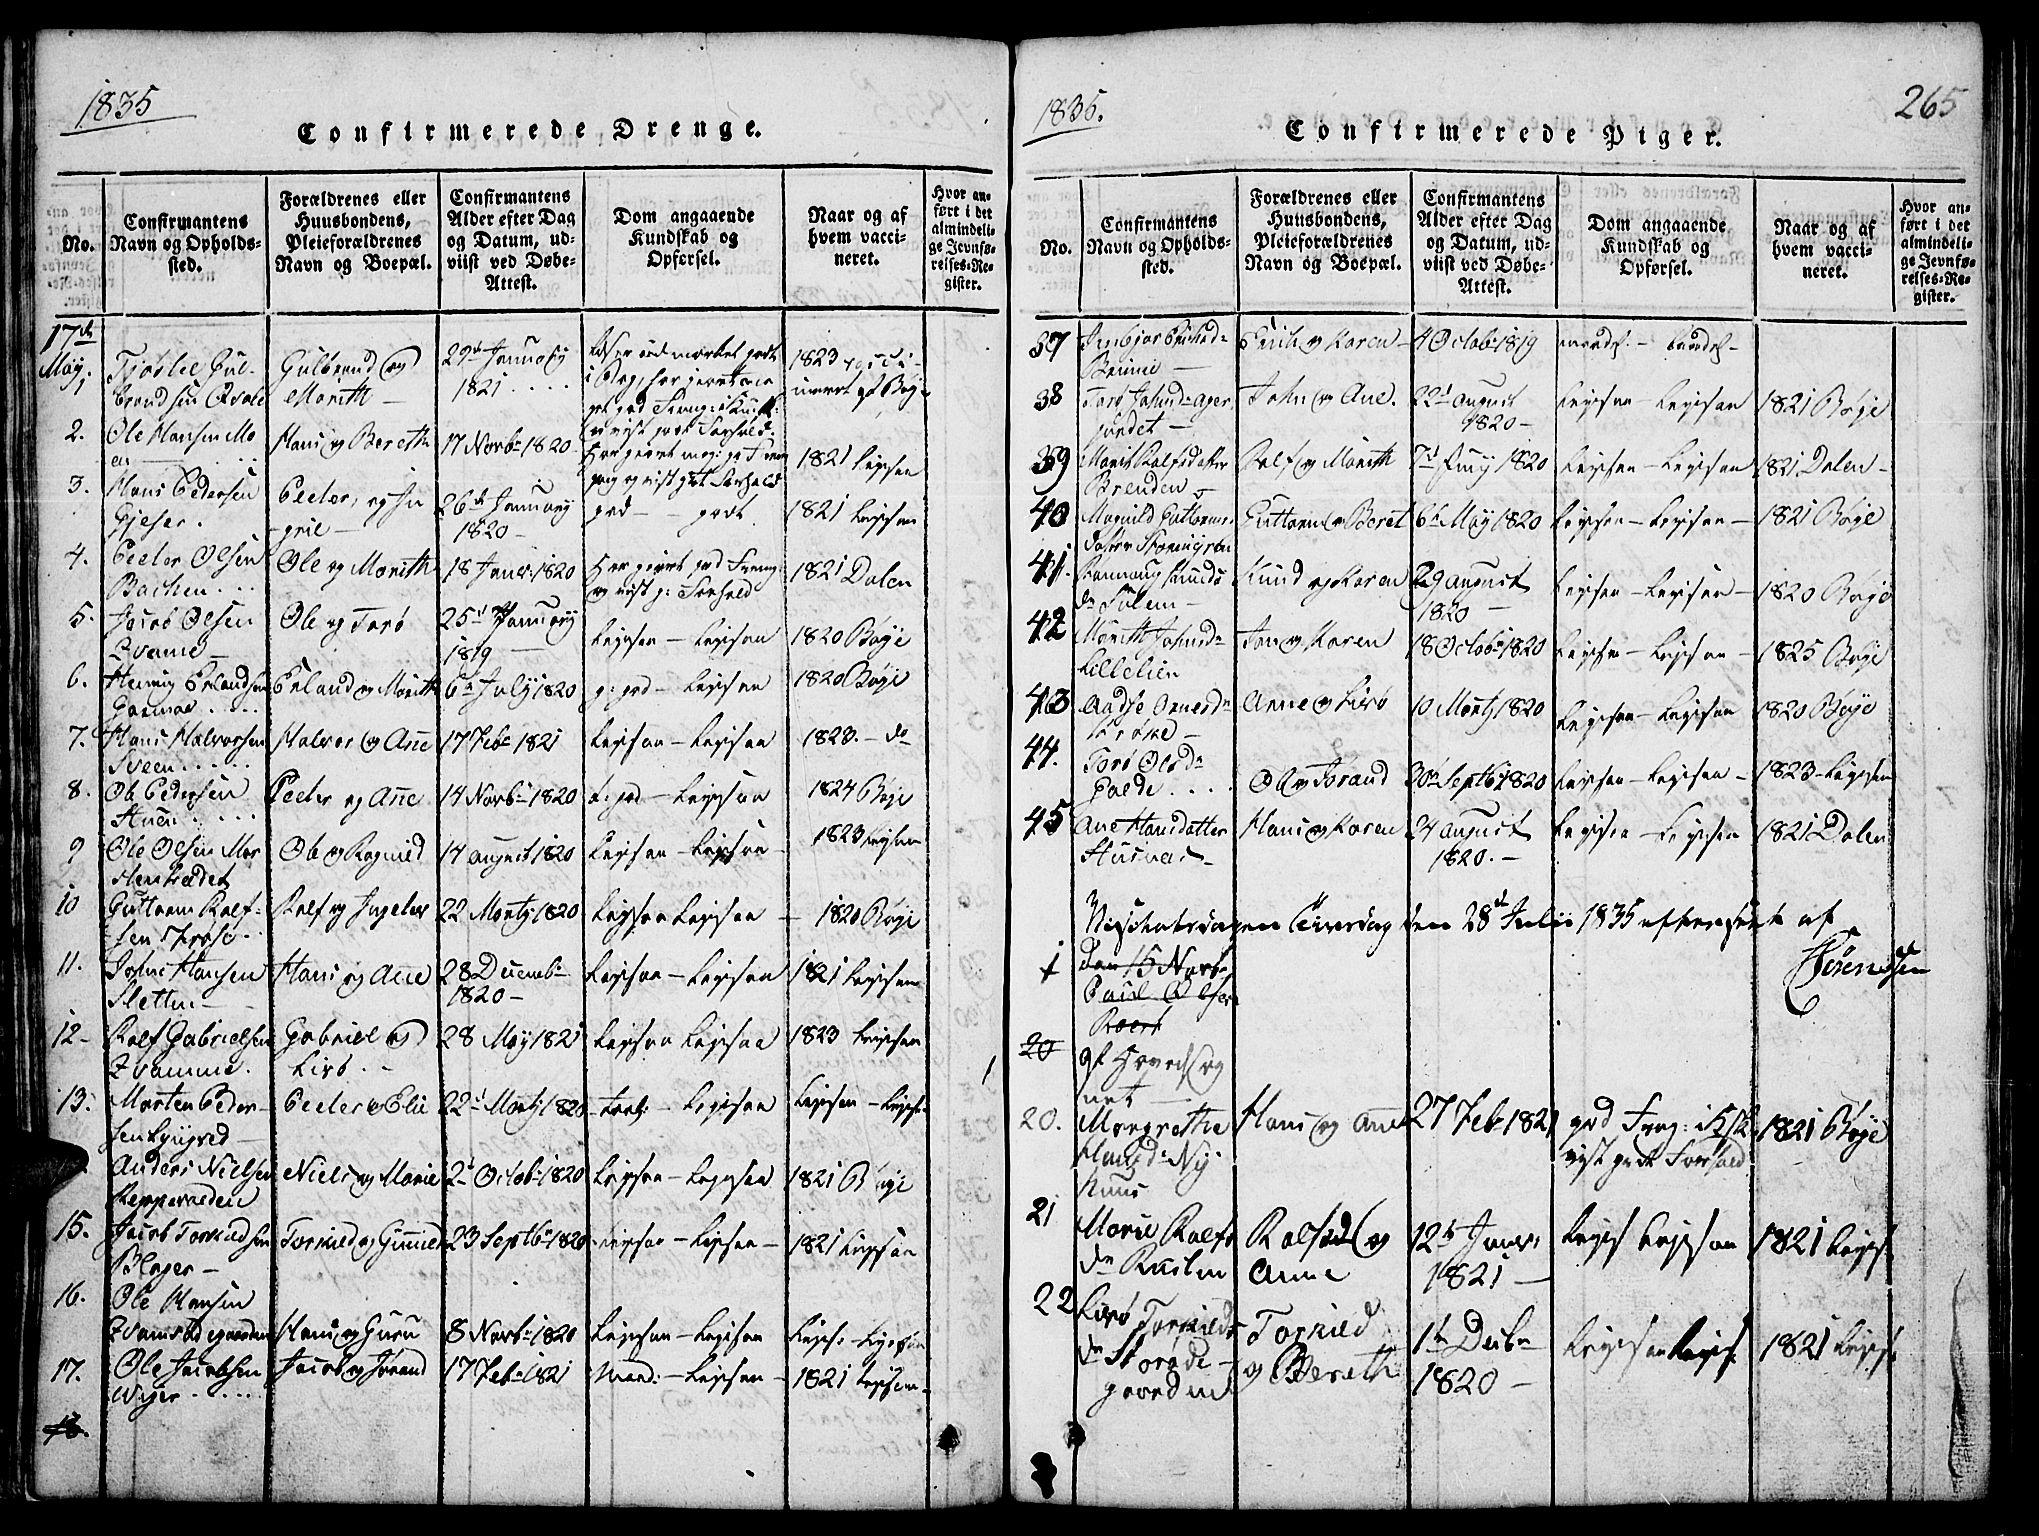 SAH, Lom prestekontor, L/L0001: Klokkerbok nr. 1, 1815-1836, s. 265